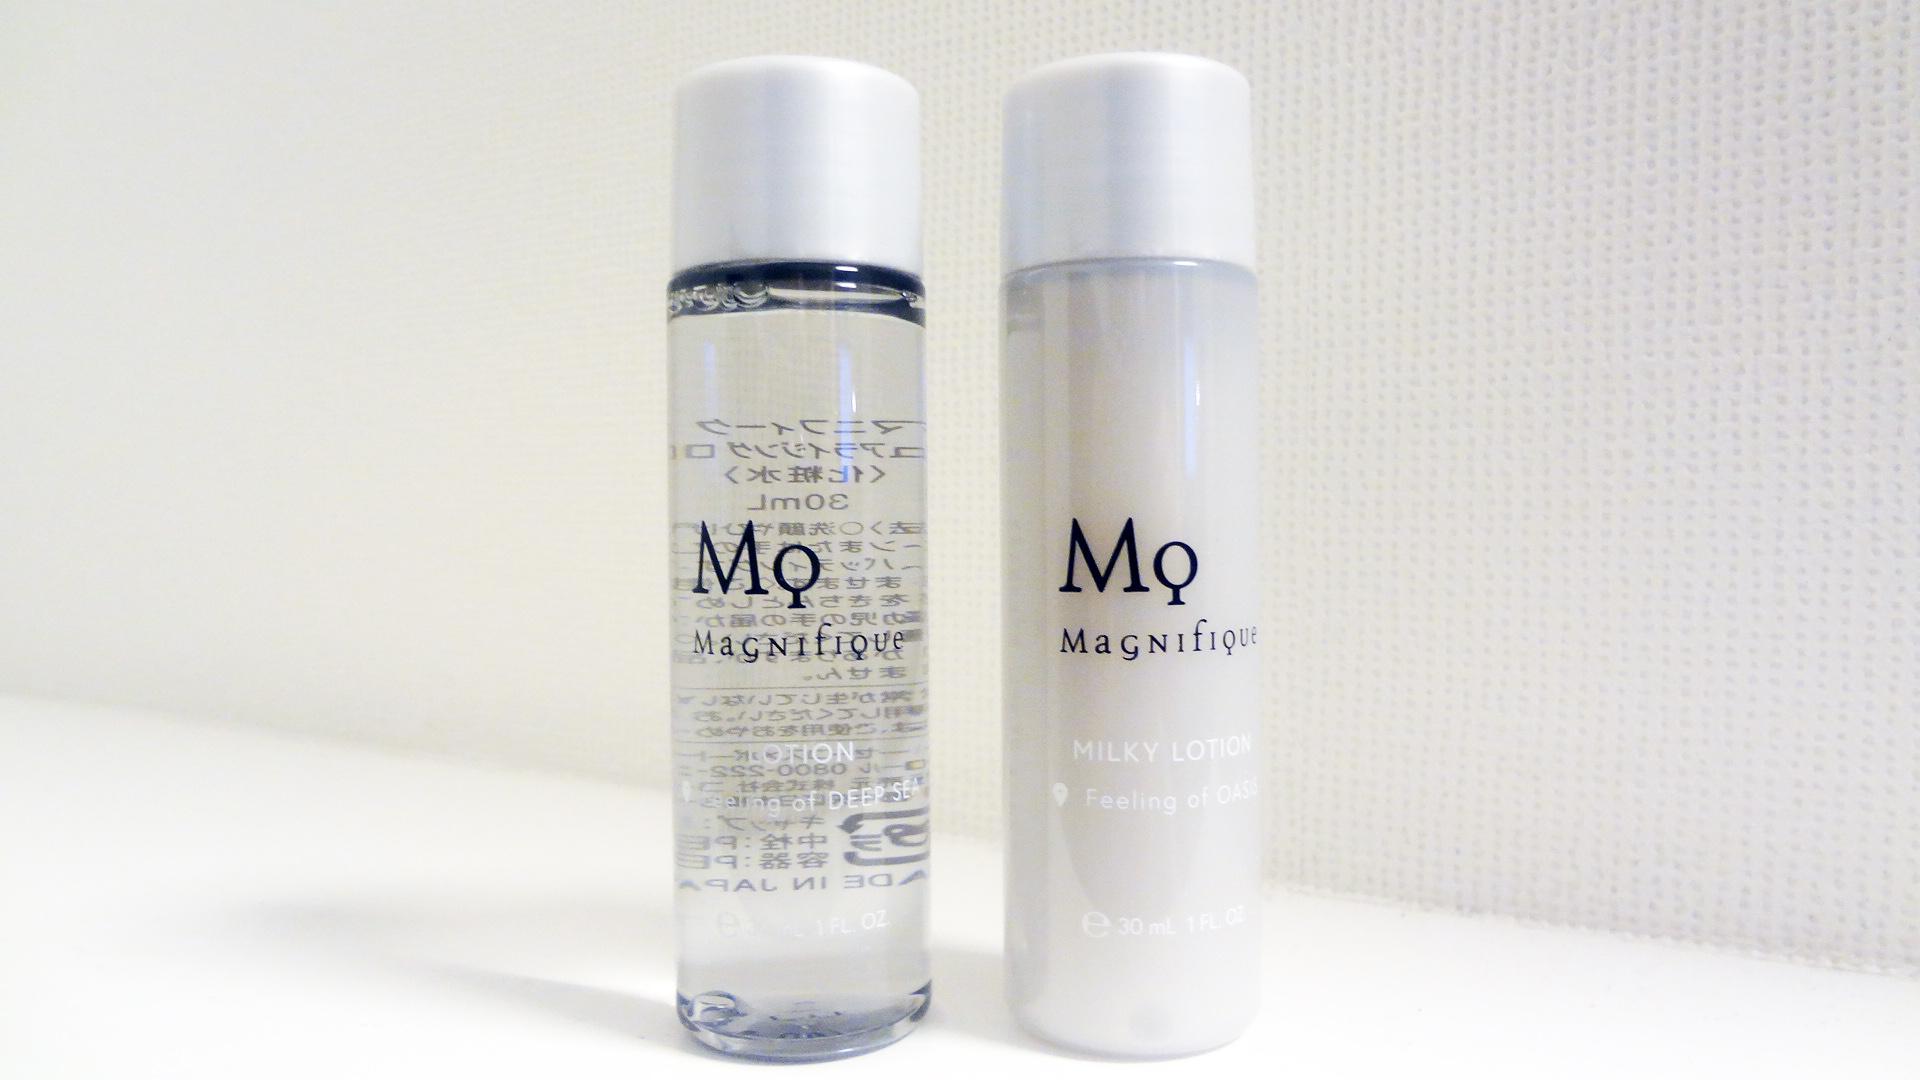 【口コミレビュー】マニフィークの化粧水&乳液を使ってみた感想!【保湿抜群?】